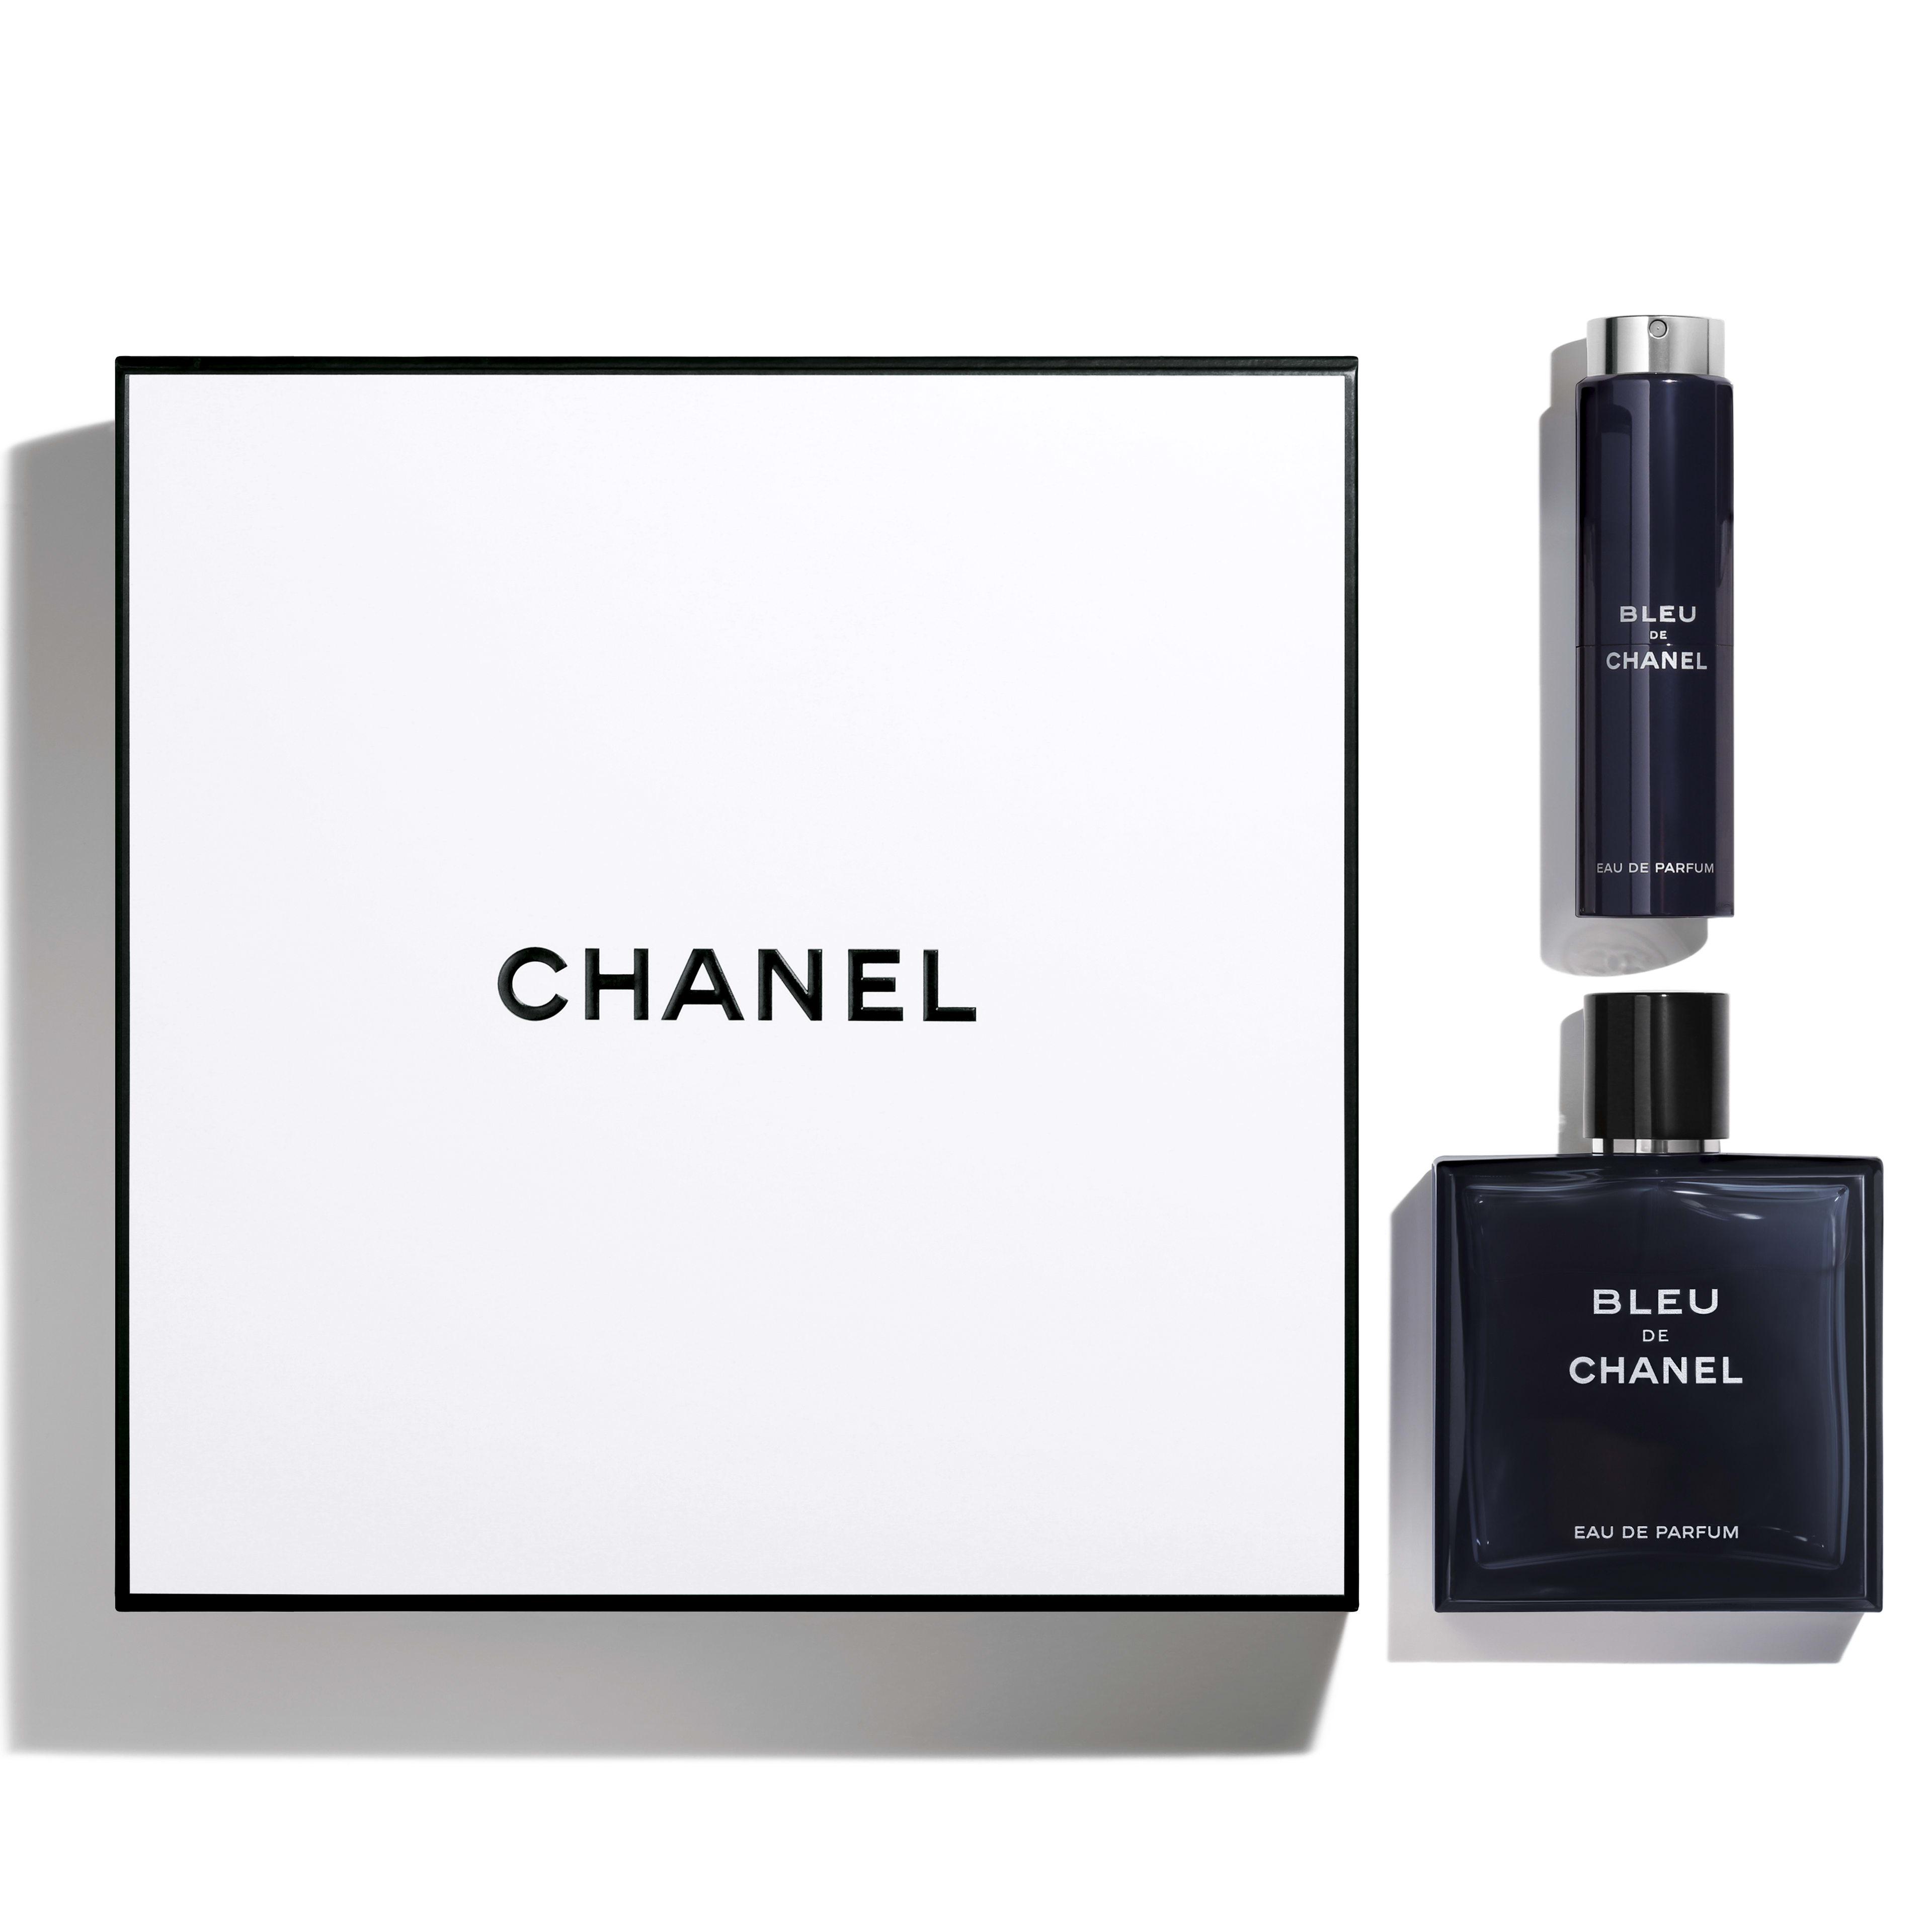 BLEU DE CHANEL - fragrance - 1Piece - Default view